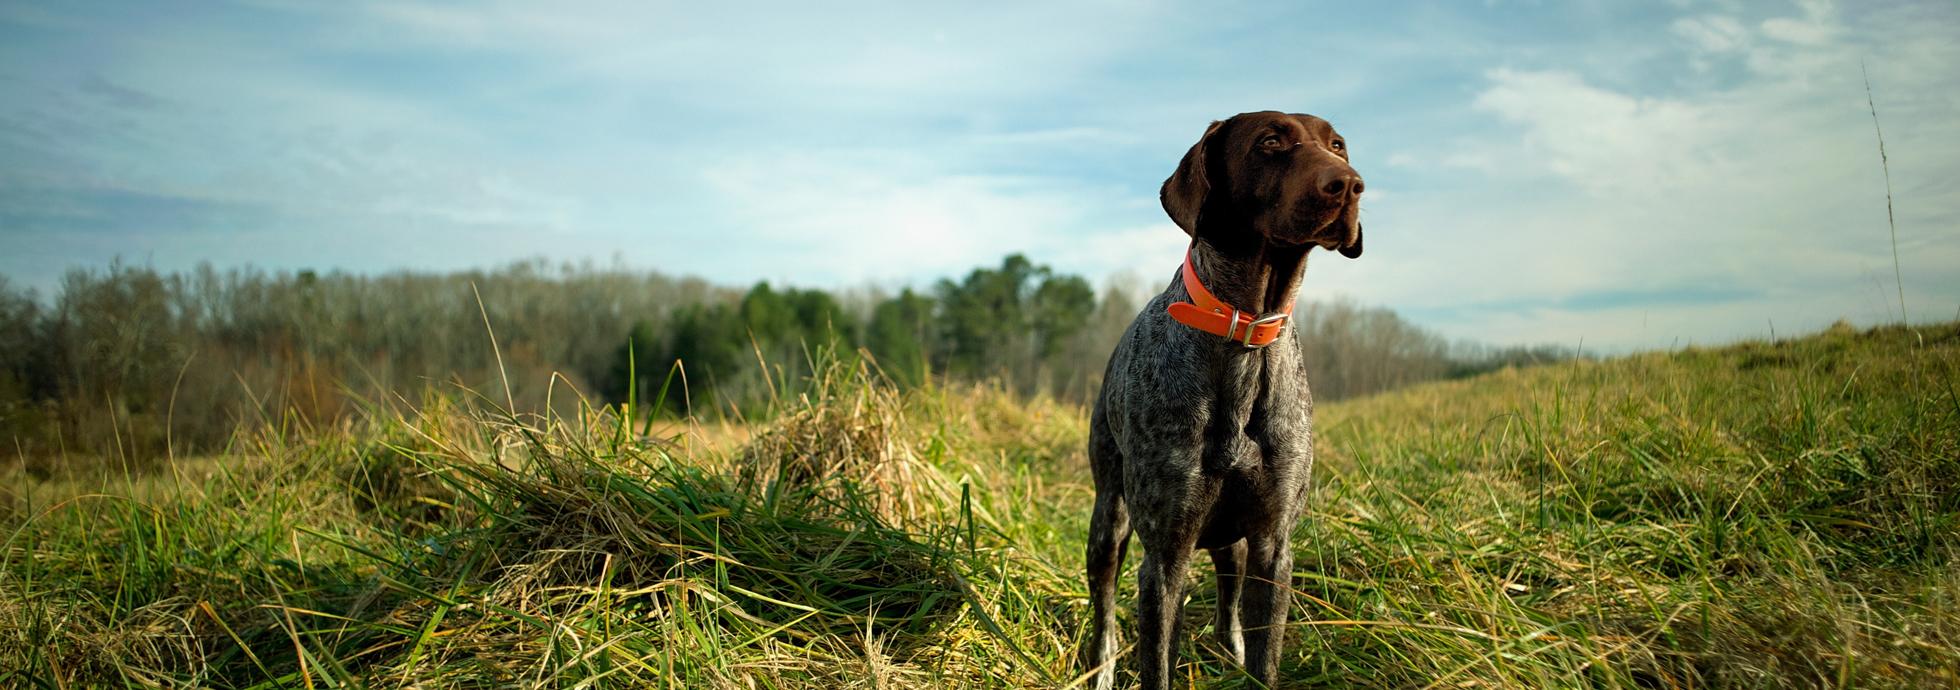 Come scegliere le crocchette per cani da caccia 2